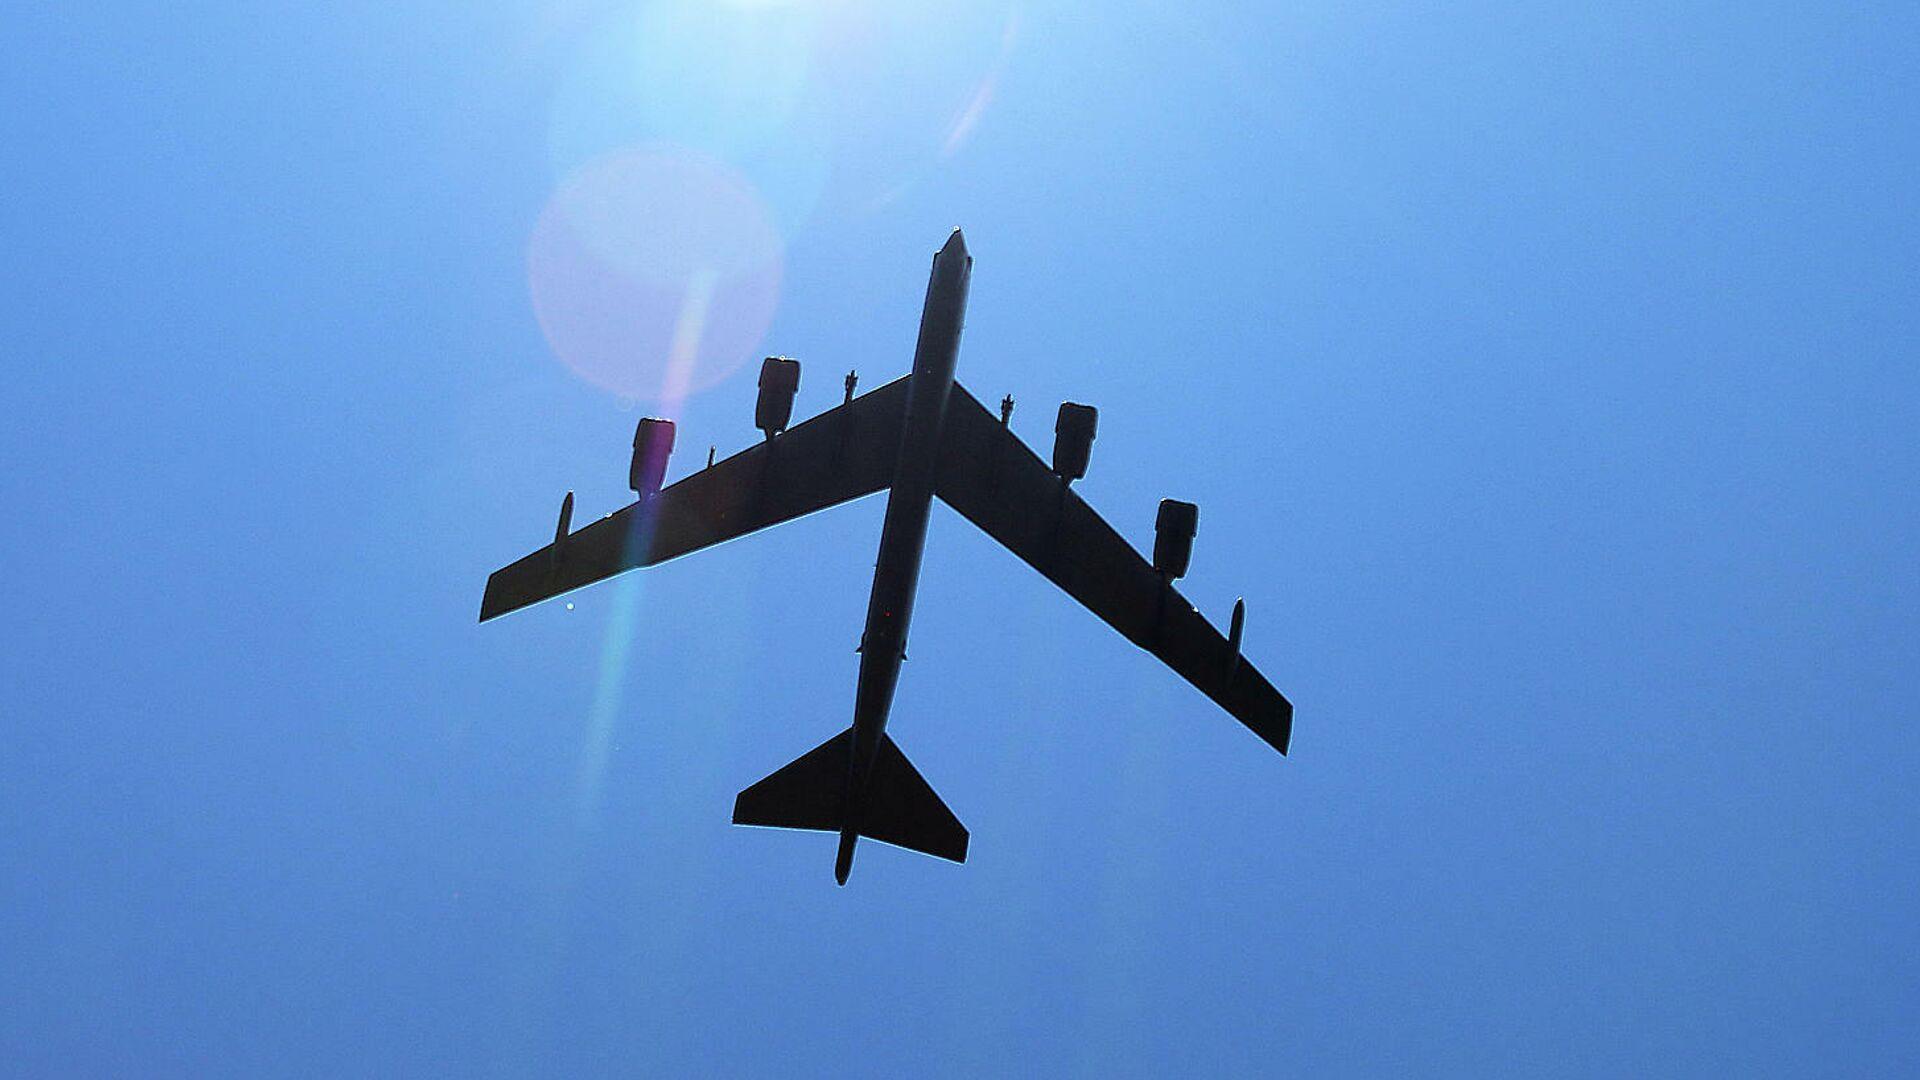 Стратегический американский бомбардировщик Boeing B-52 Stratofortress - РИА Новости, 1920, 17.09.2020